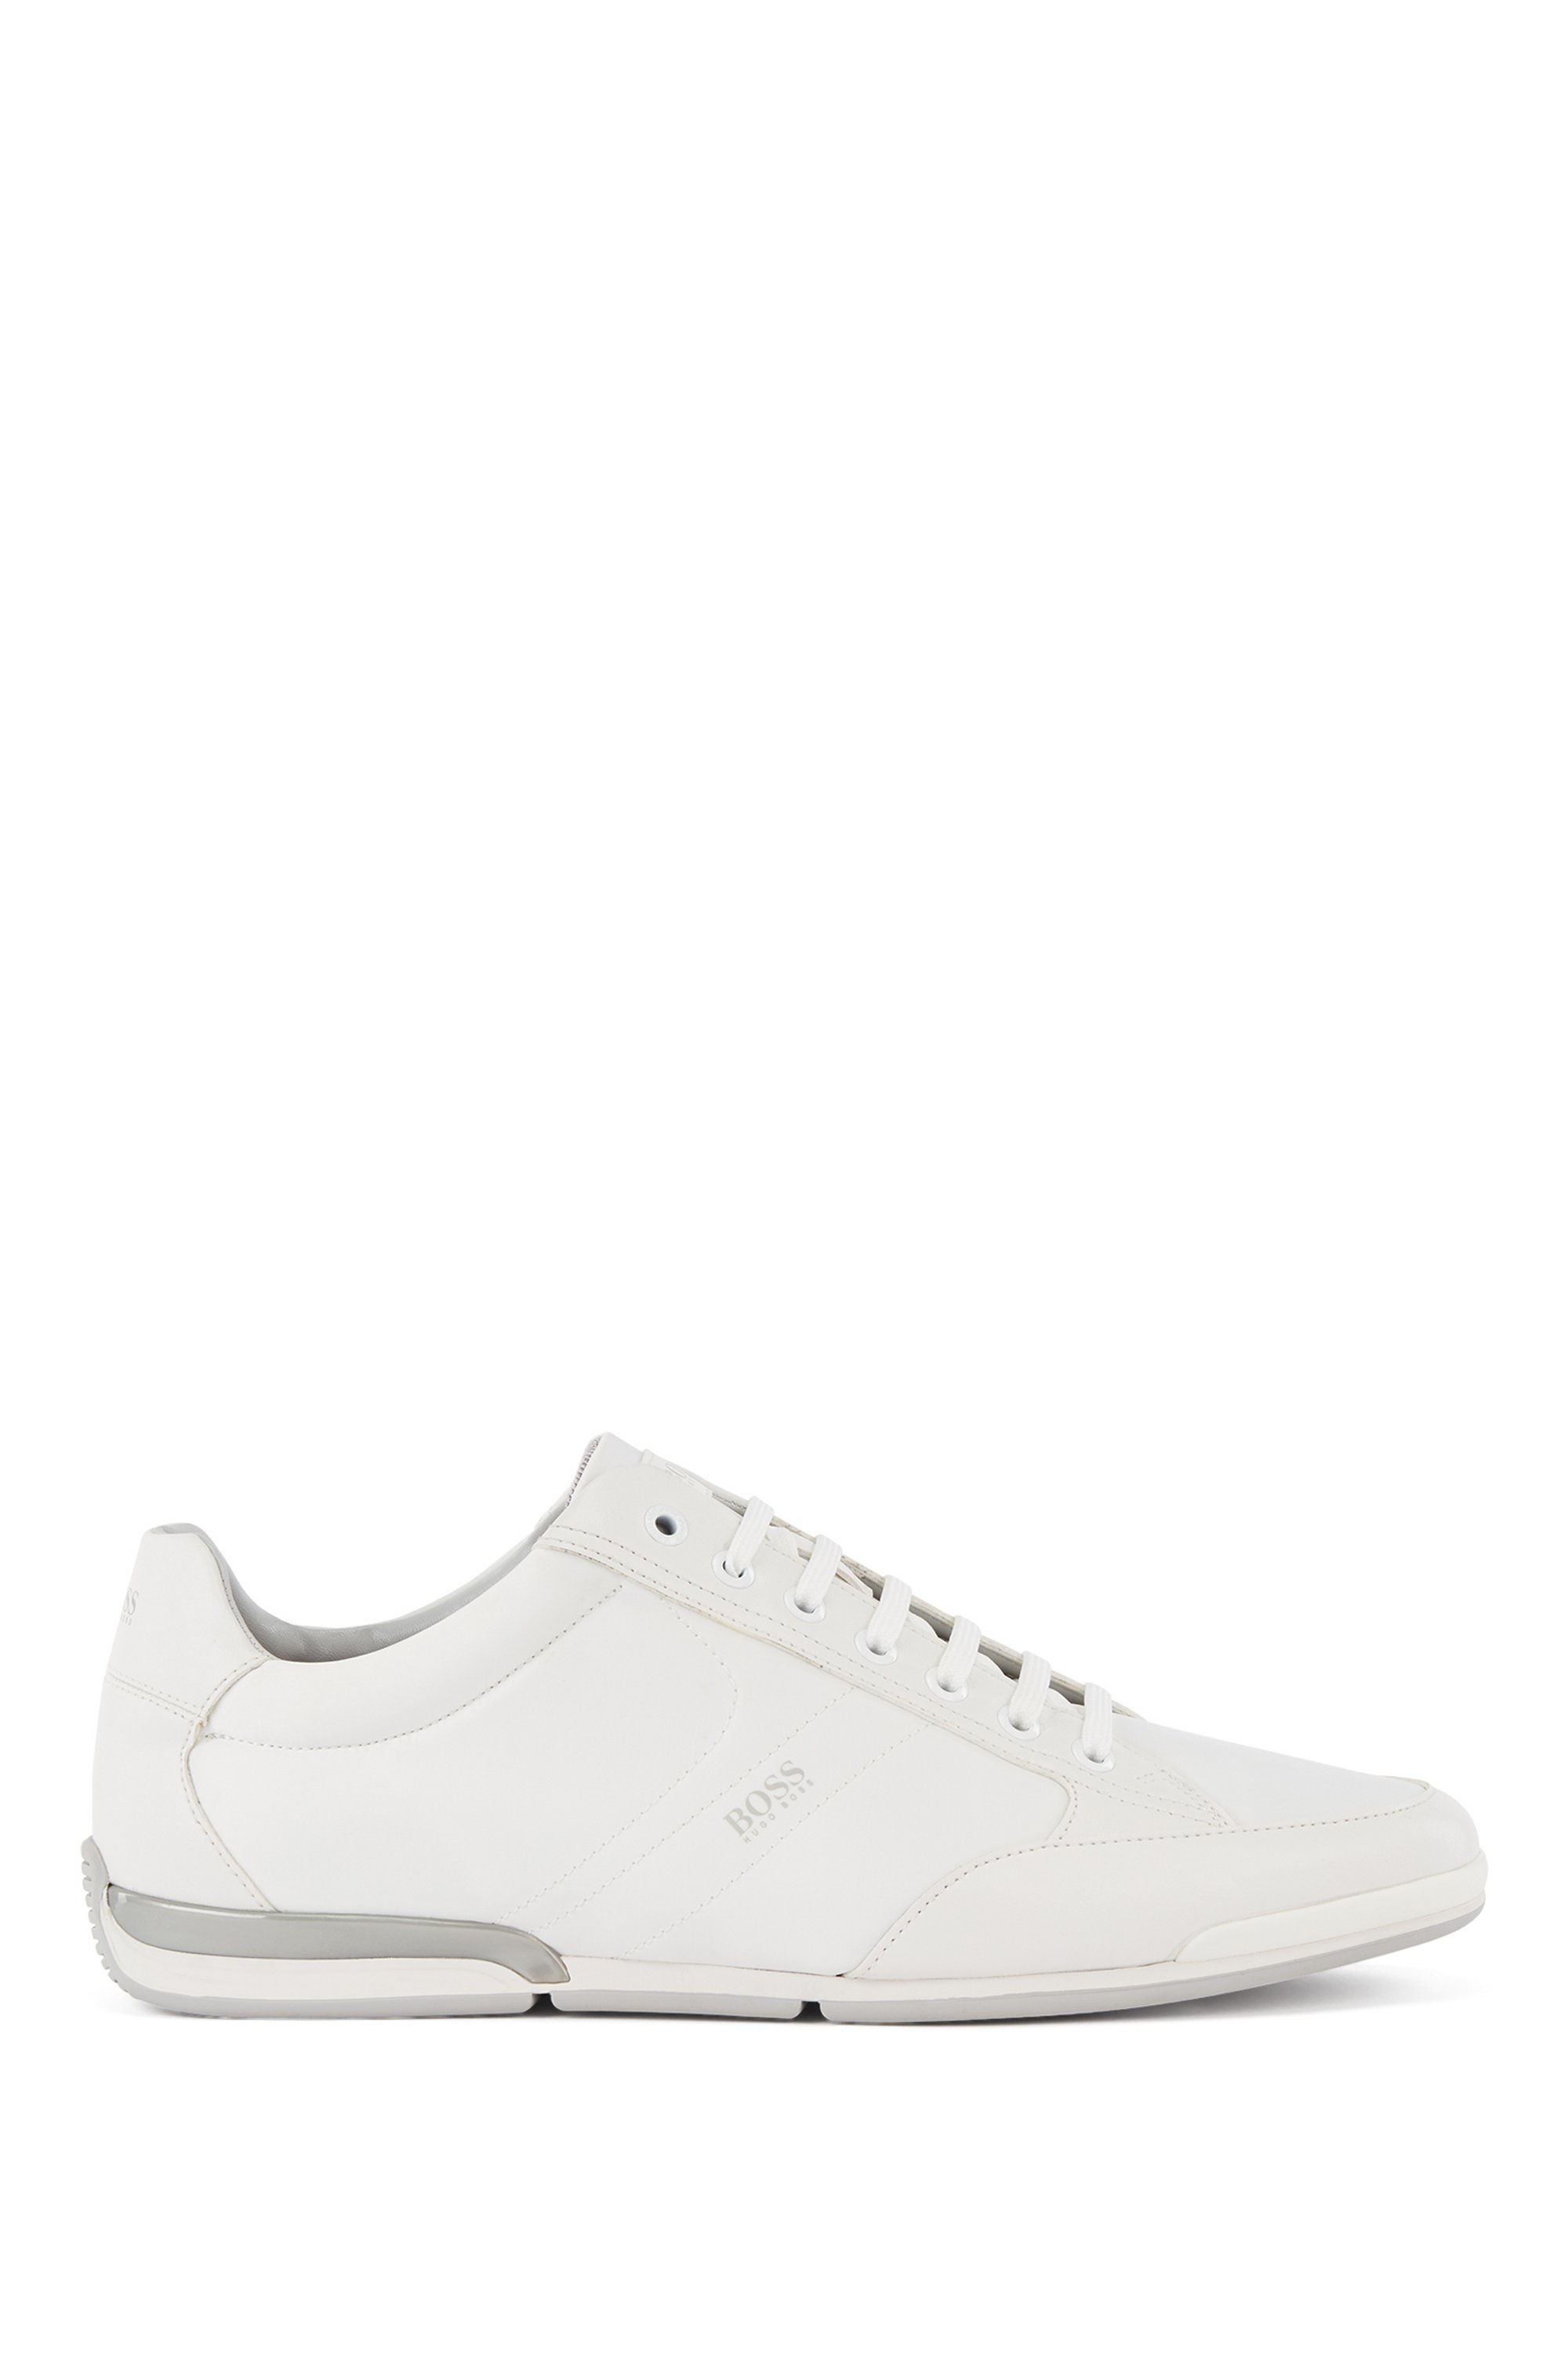 Sneakers mit Innensohle aus Memory-Schaum, Weiß